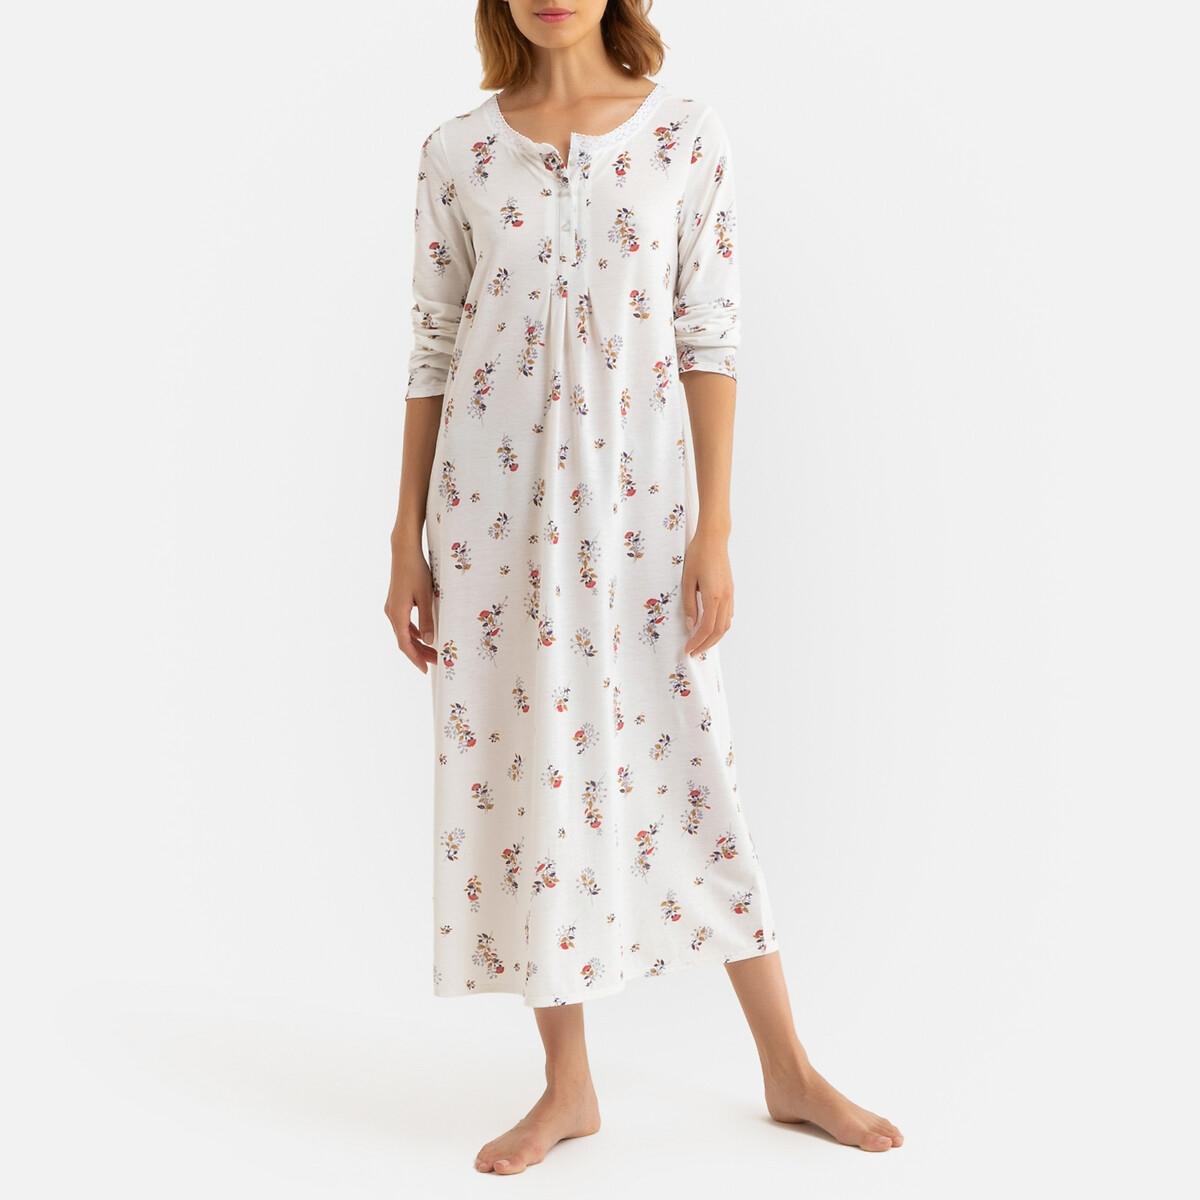 Ночная La Redoute Рубашка длинная из трикотажа вставка из макраме 50/52 (FR) - 56/58 (RUS) разноцветный рубашка ночная с макраме